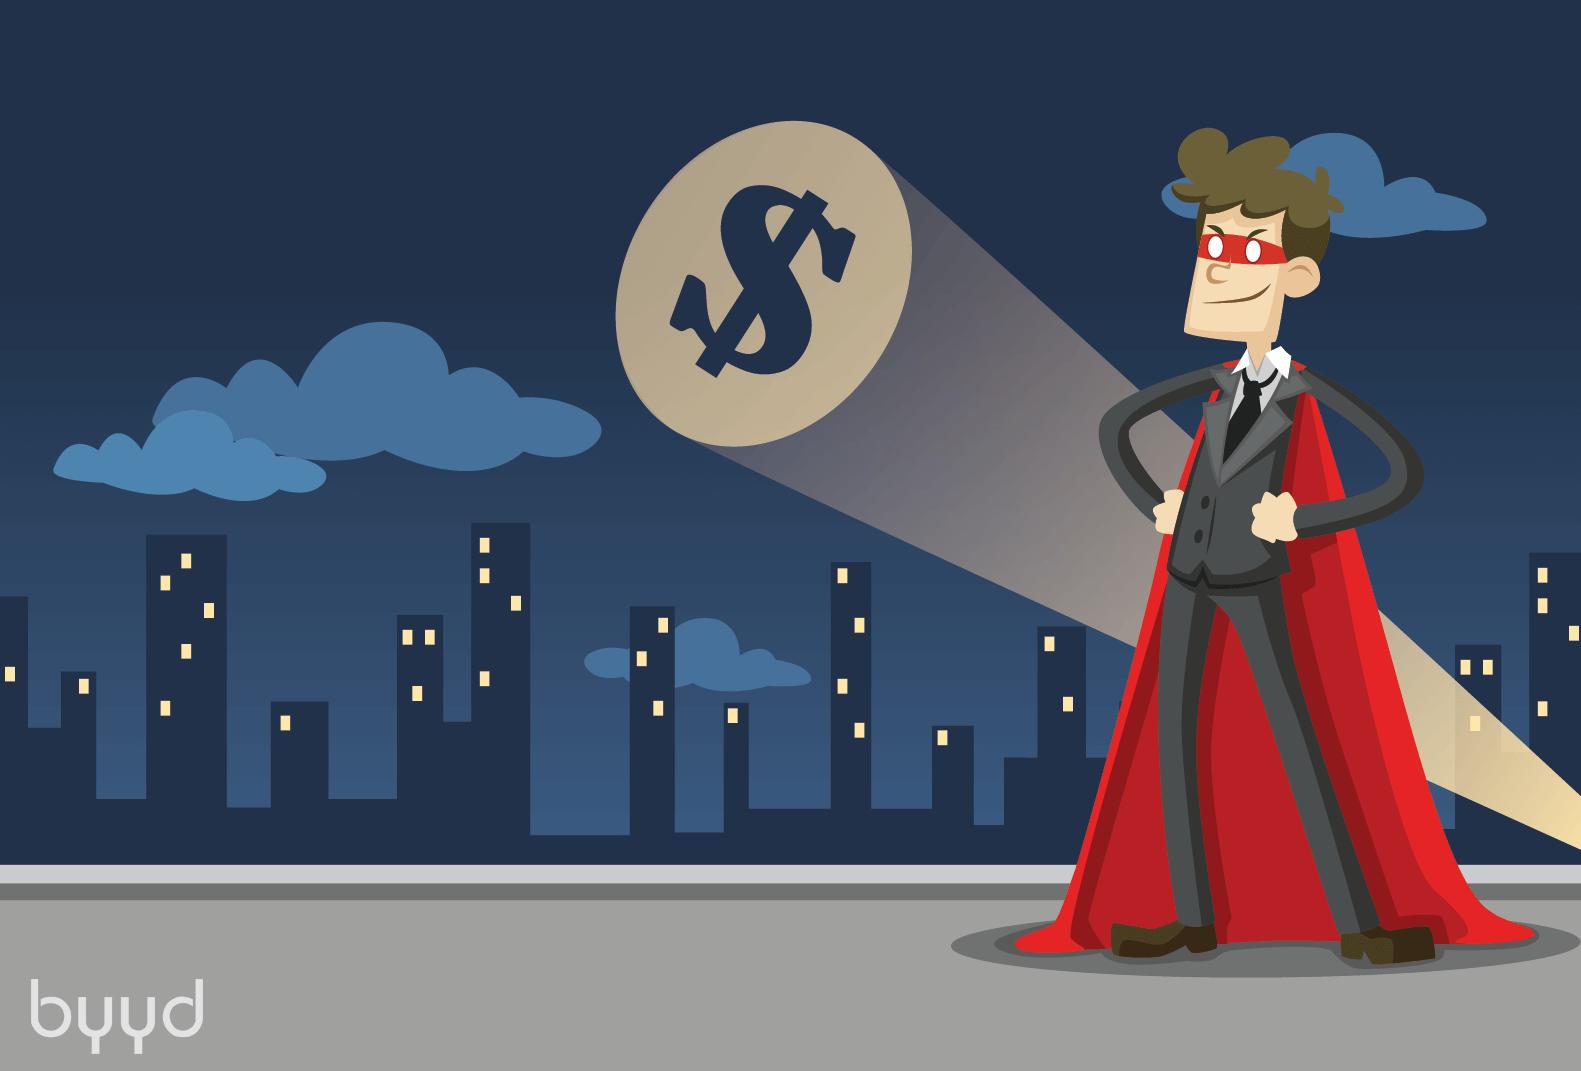 Как стать успешным бизнесменом? 4 вдохновляющих мировых примера - 1